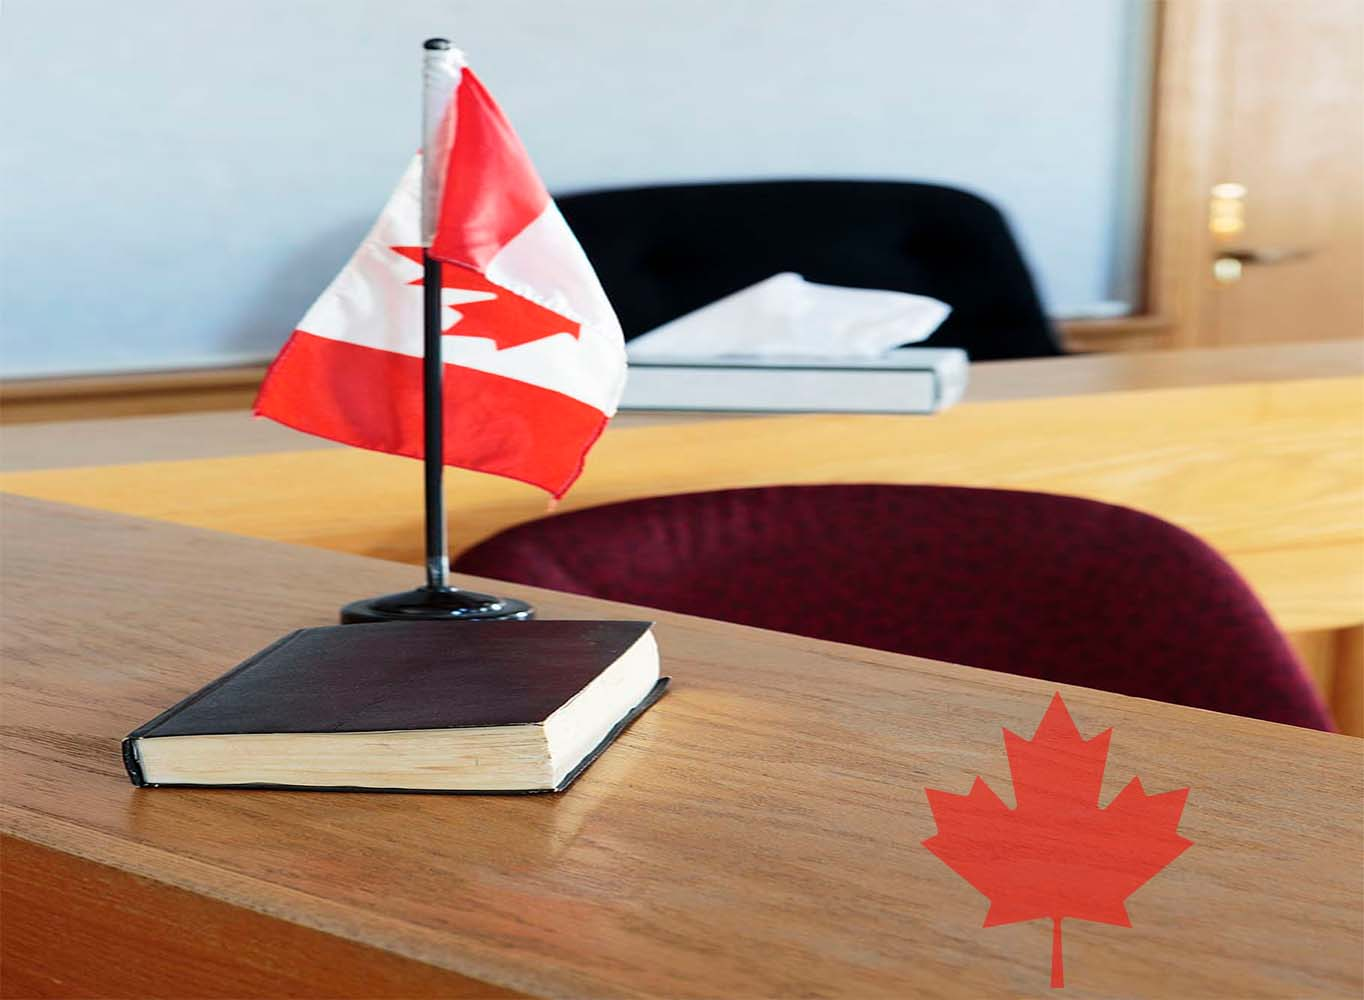 نظام الحكم فى كنداوفق الدستور الكندي